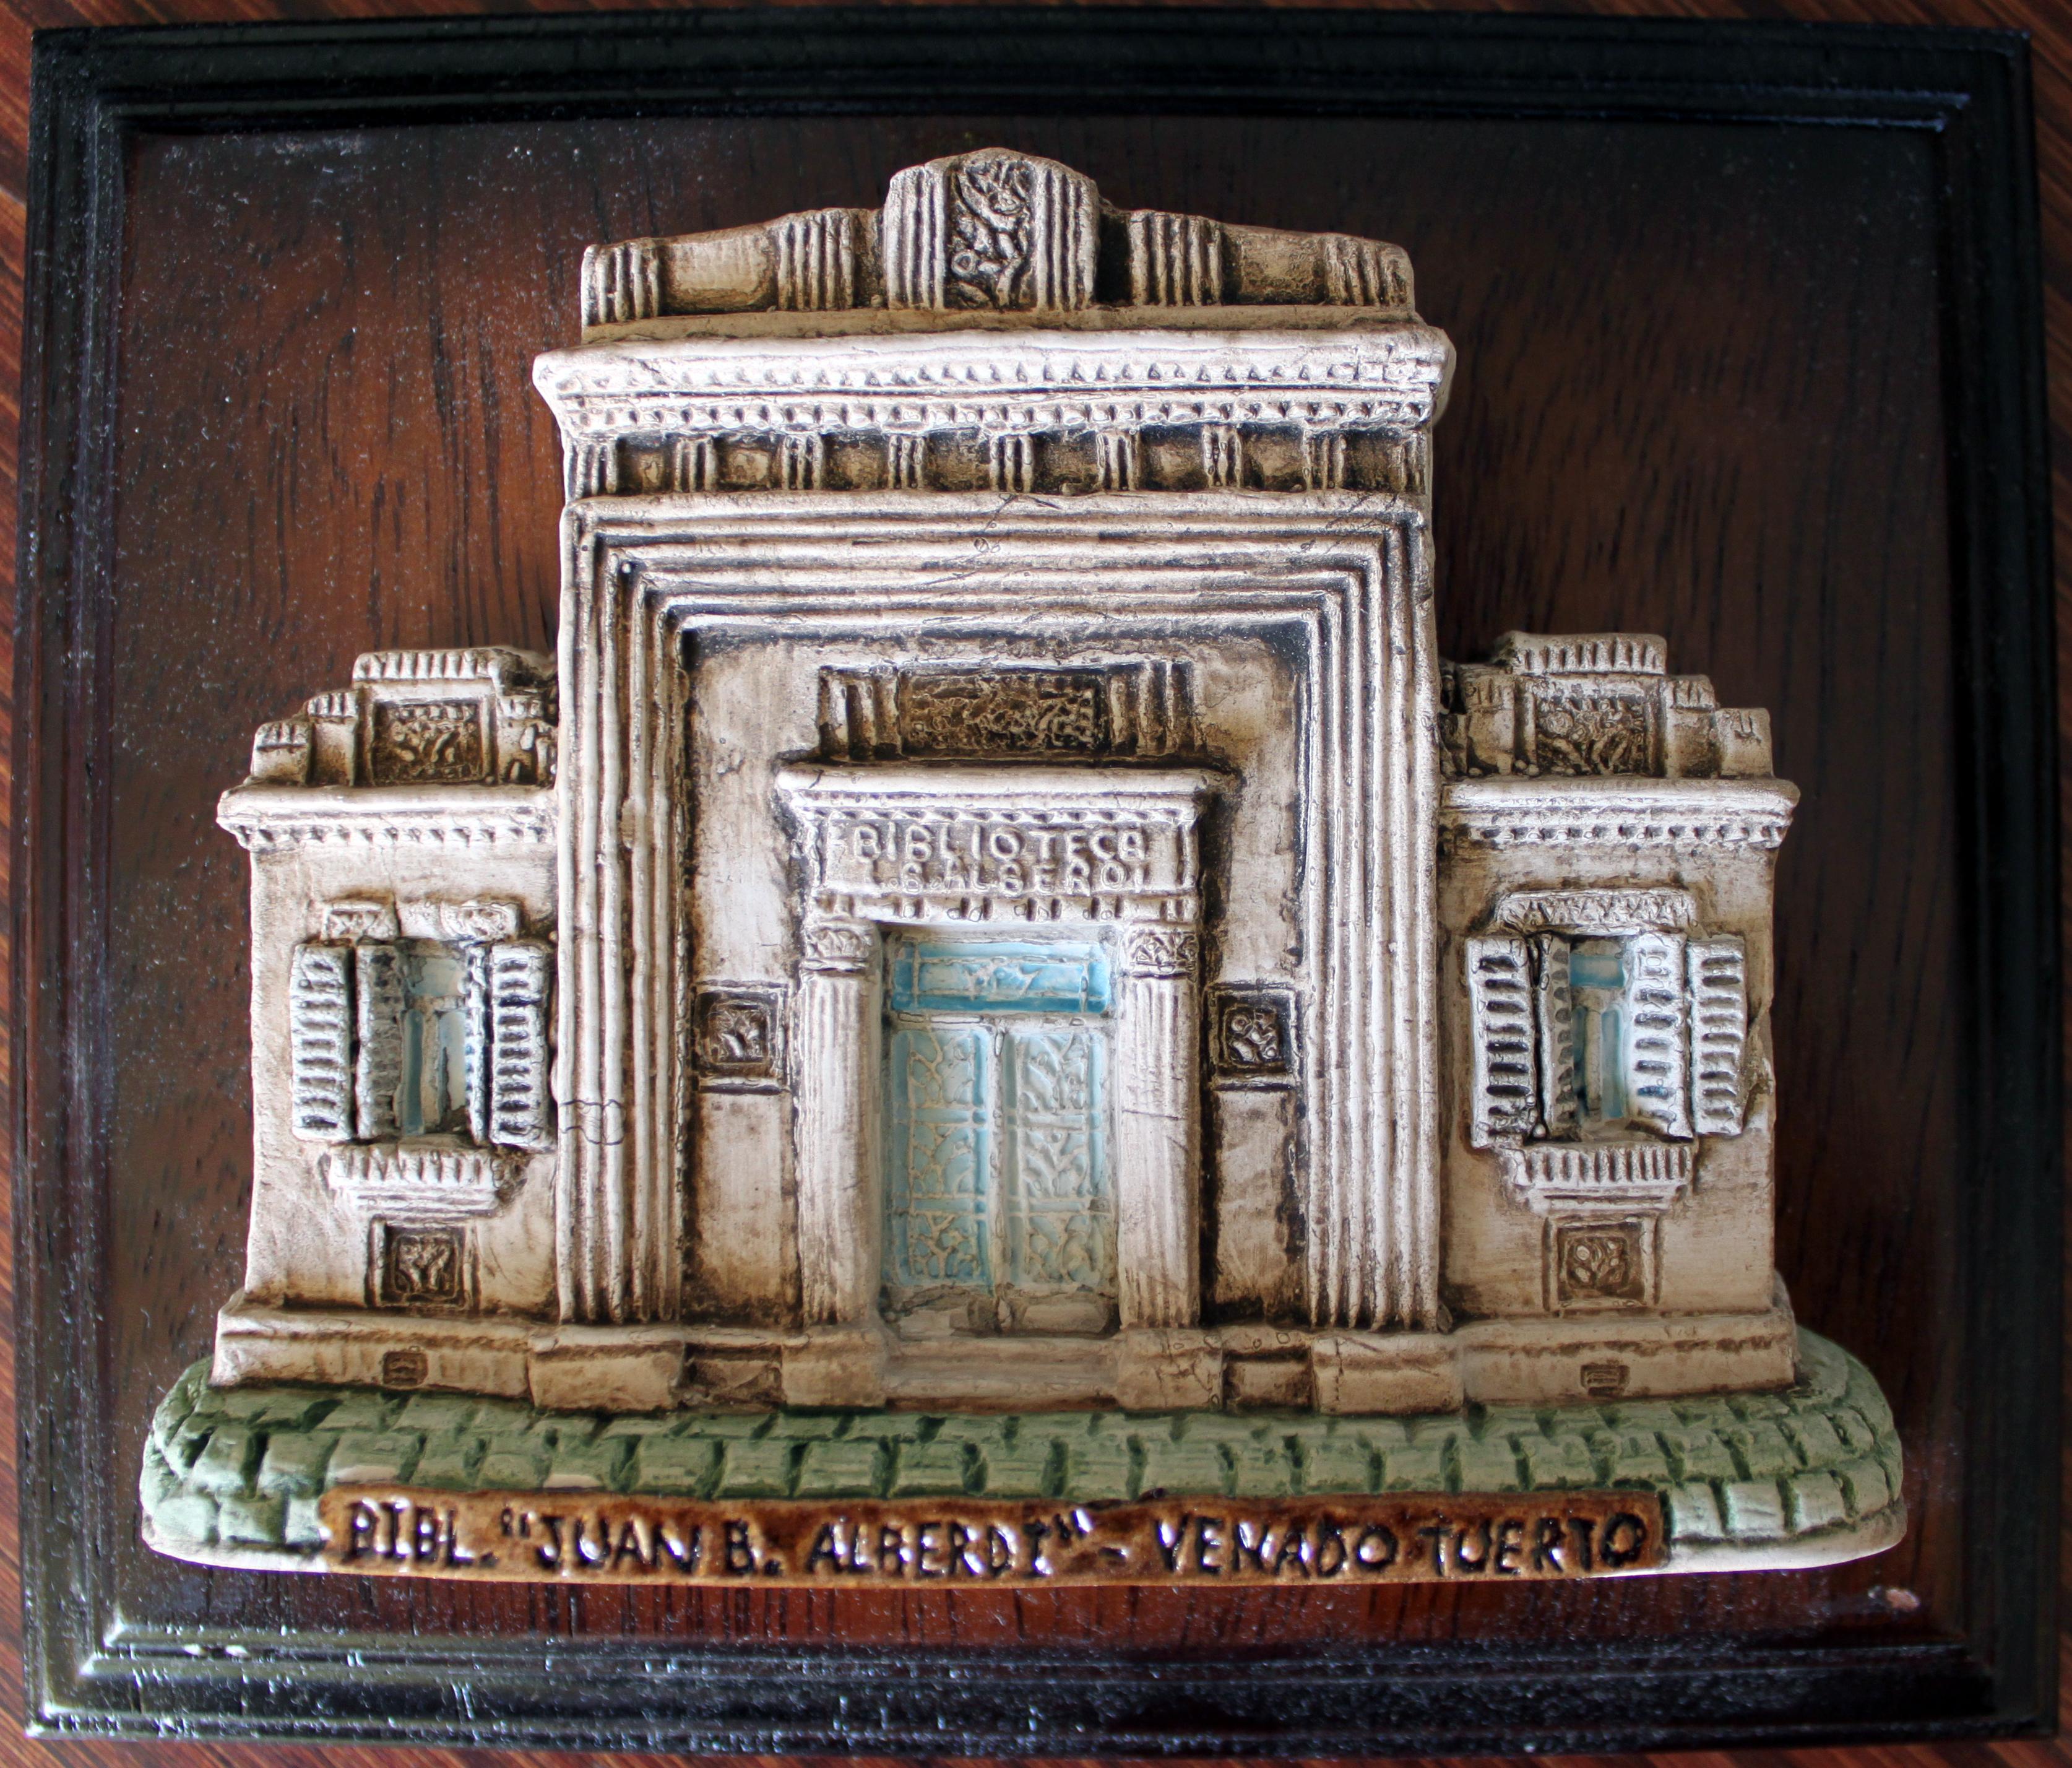 Biblioteca Alberdi Venado Tuerto